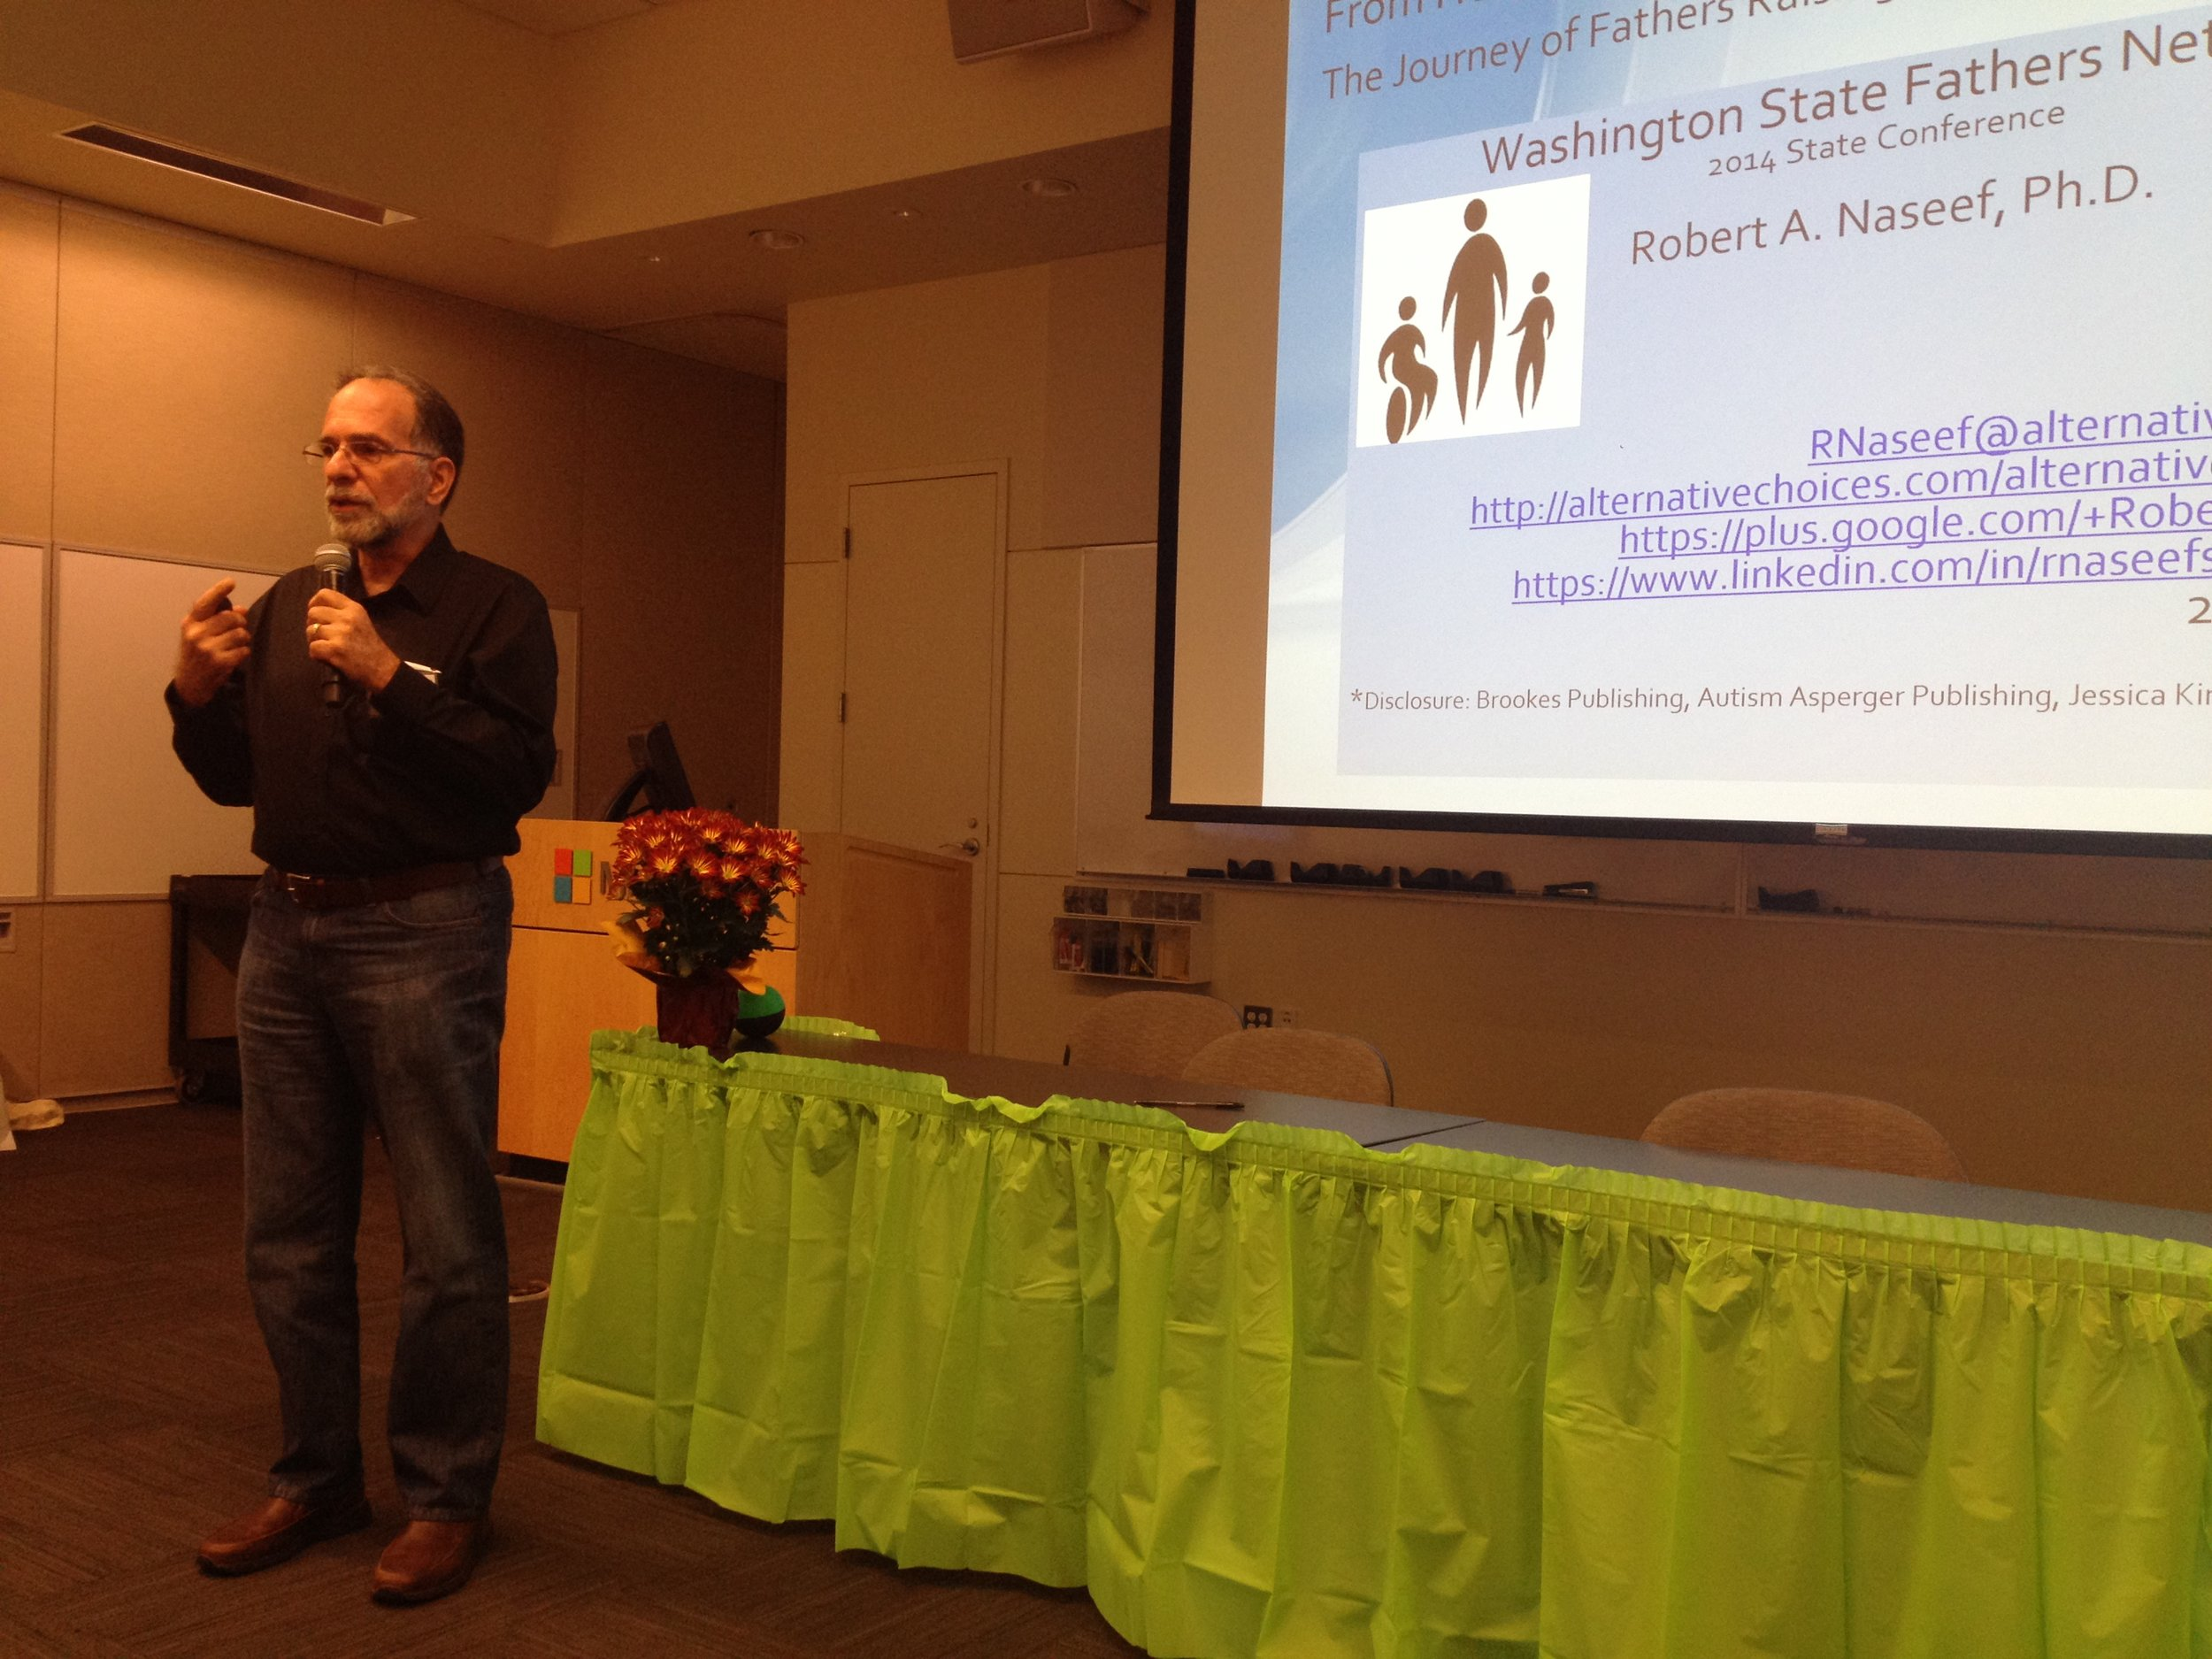 2014, Washington State Fathers Network keynote.